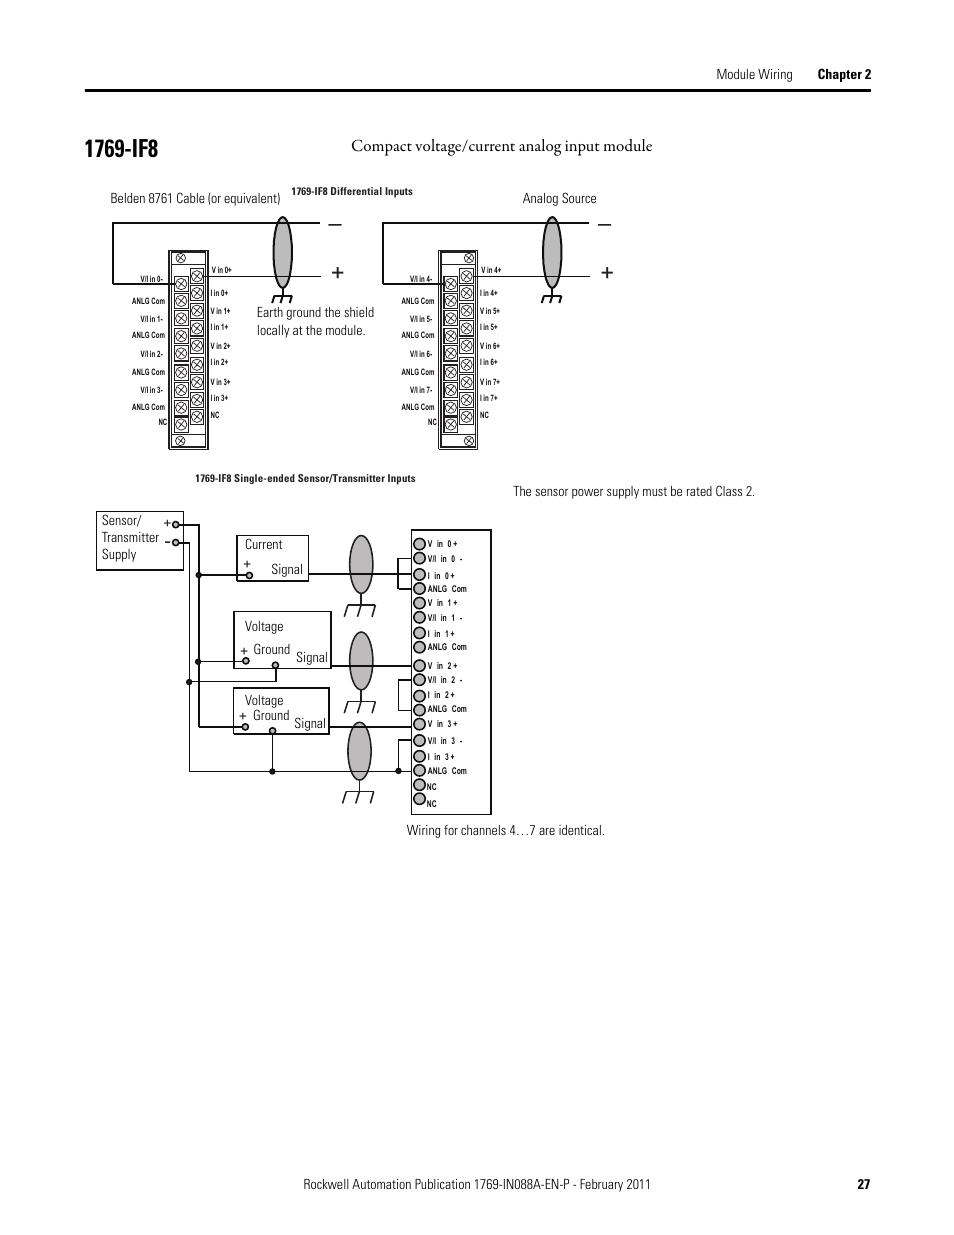 1769-IF8 MANUAL PDF